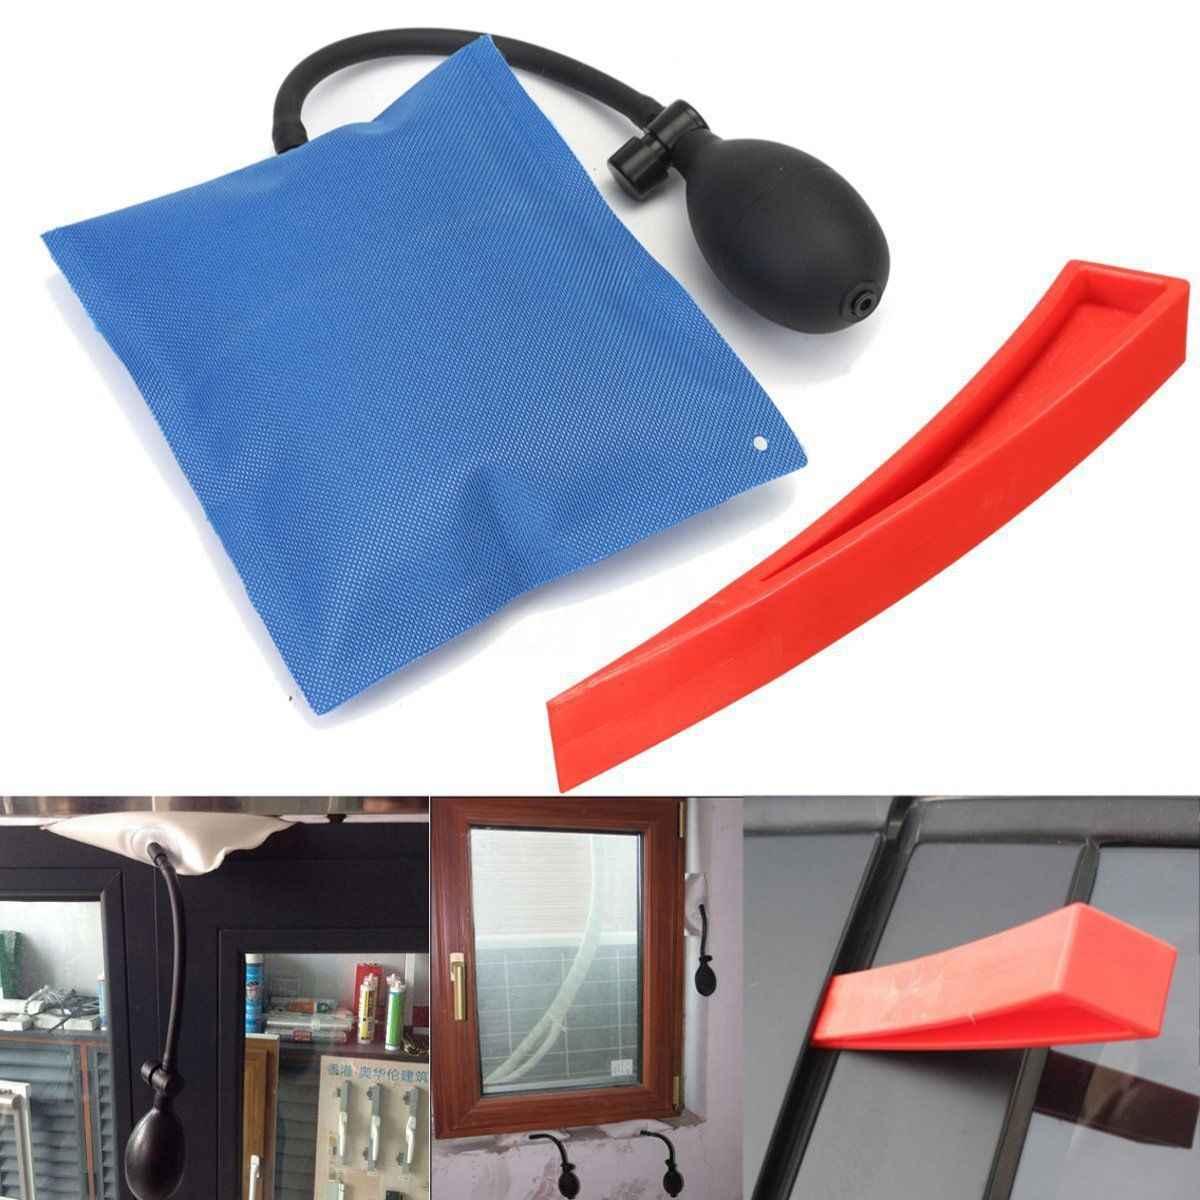 Hao zlew wsparcie pozycjonowania poduszki powietrznej poduszka powietrzna drzwi i okna instalacji narzędzie do poziomowania powietrza torba z mocowanie klinowe zestaw